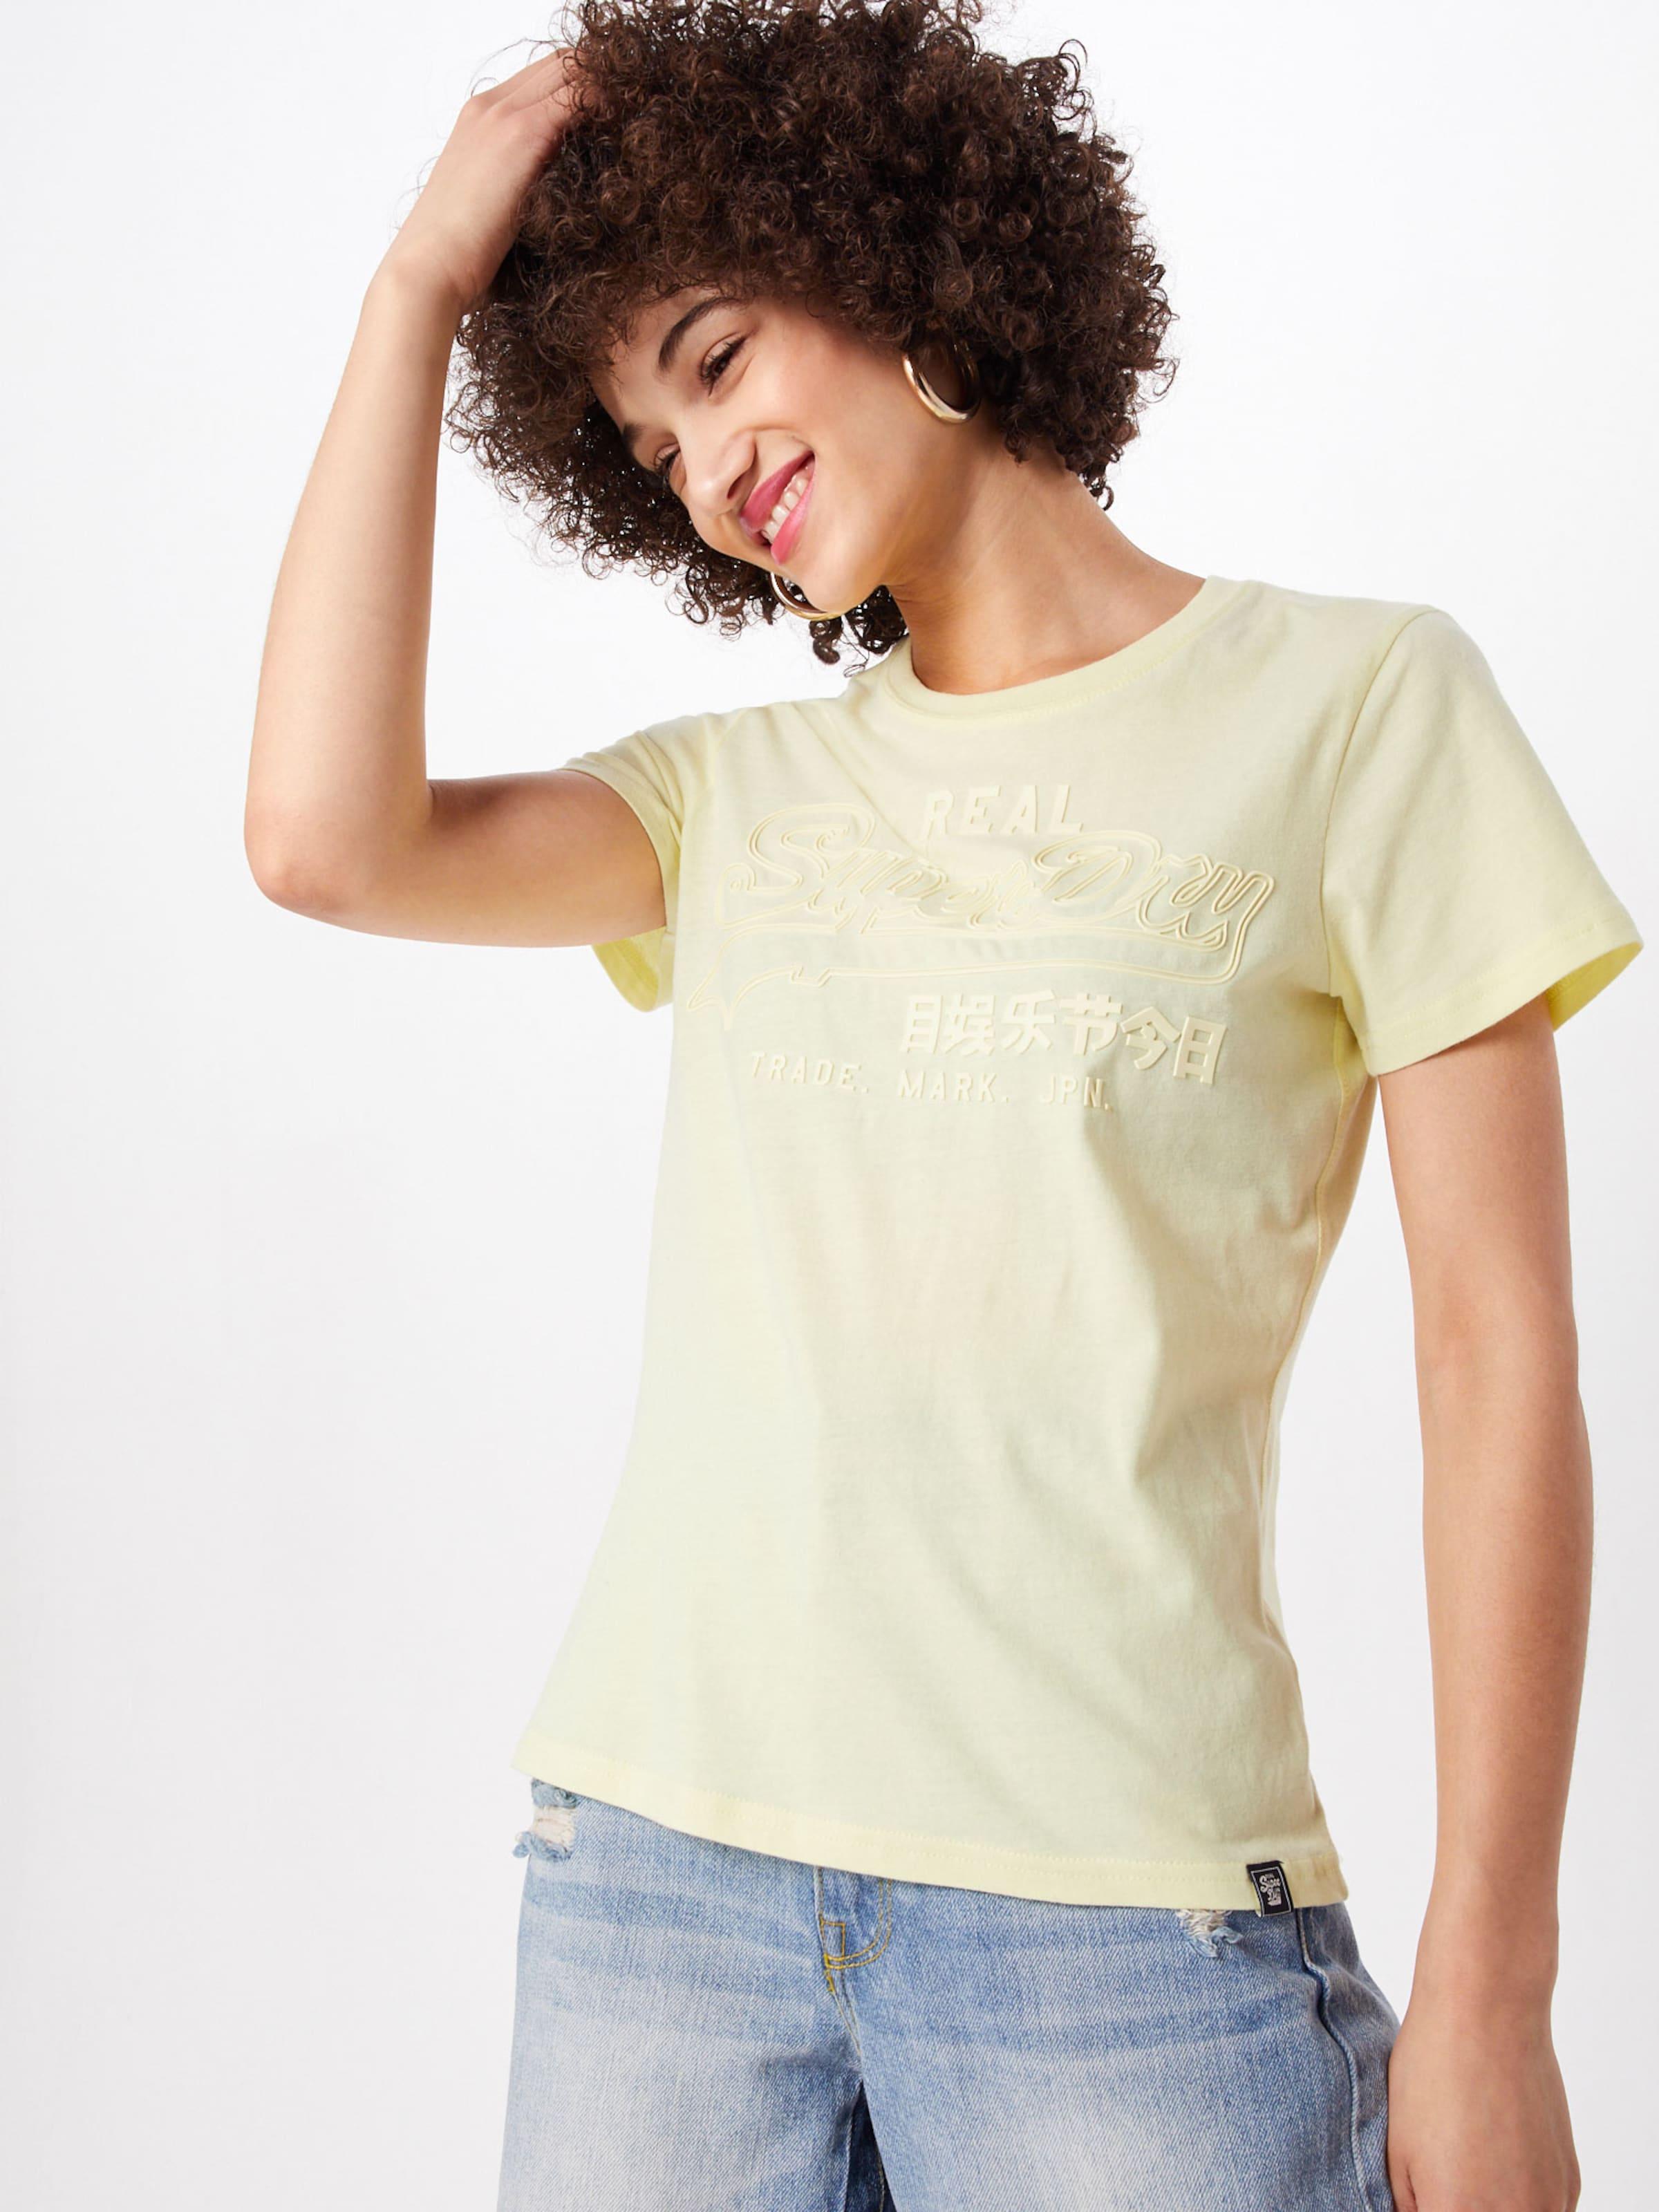 Gelb 'vintage' Superdry In In Superdry 'vintage' Superdry Shirt In Shirt 'vintage' Shirt Gelb vN0O8Pynwm